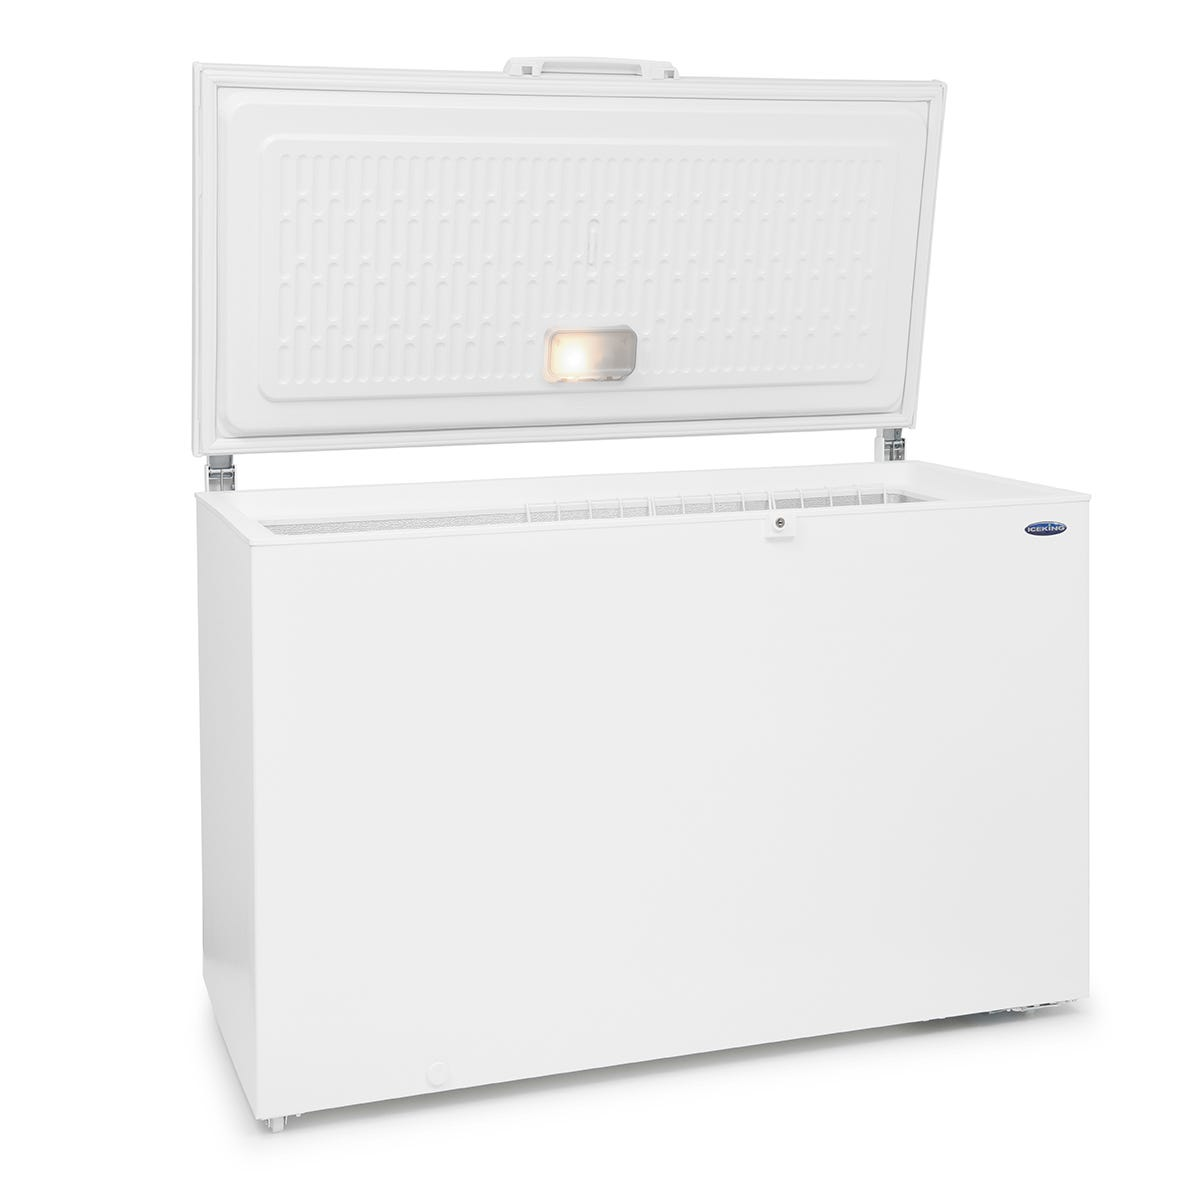 IceKing CF390W.E 390 Litre Chest Freezer - White